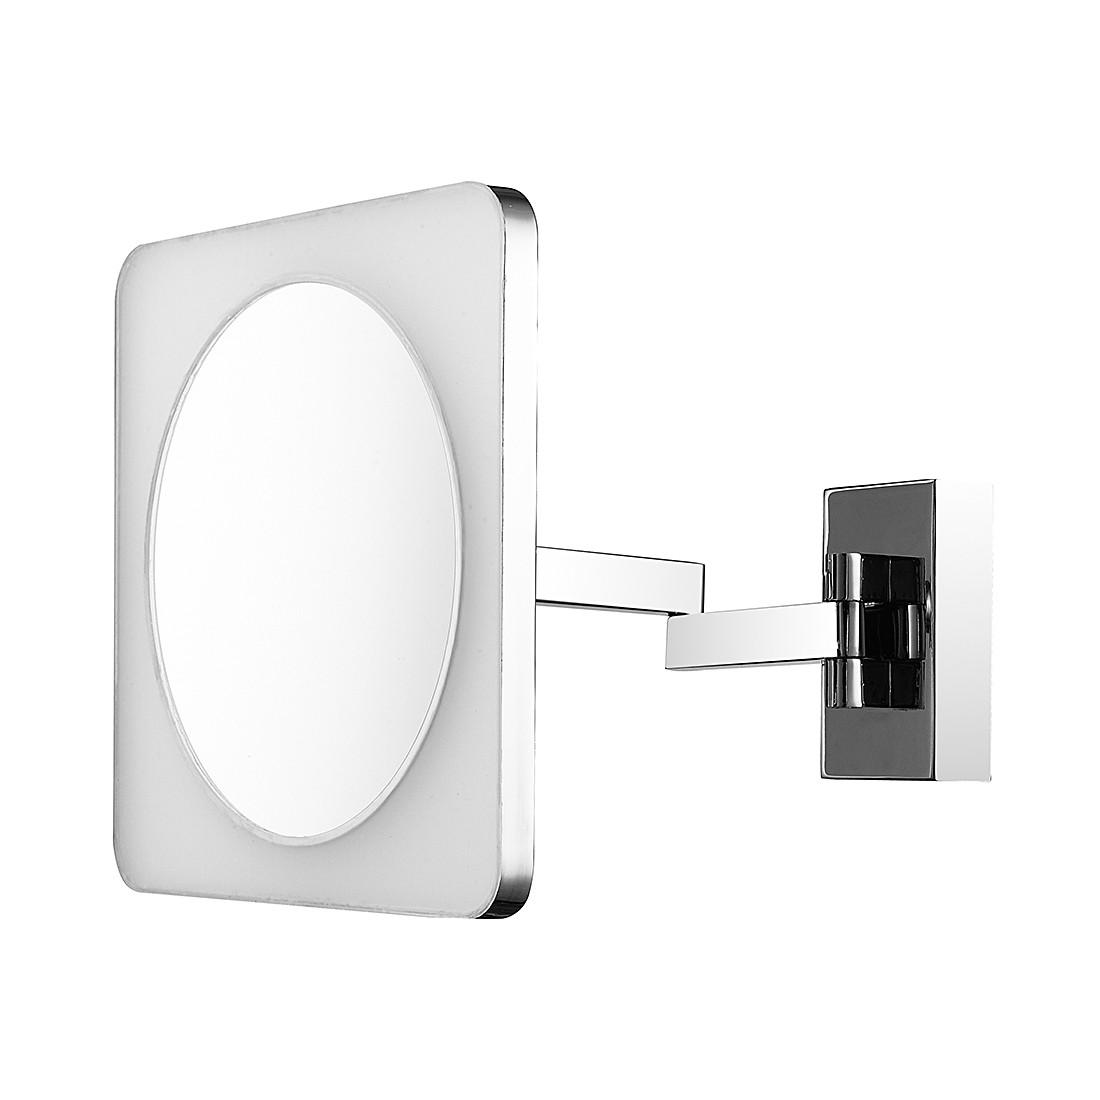 LED Wandspiegel Bagno ● Welllicht ● Metall/Spiegelglas ● 1-flammig- Sorpetaler A+